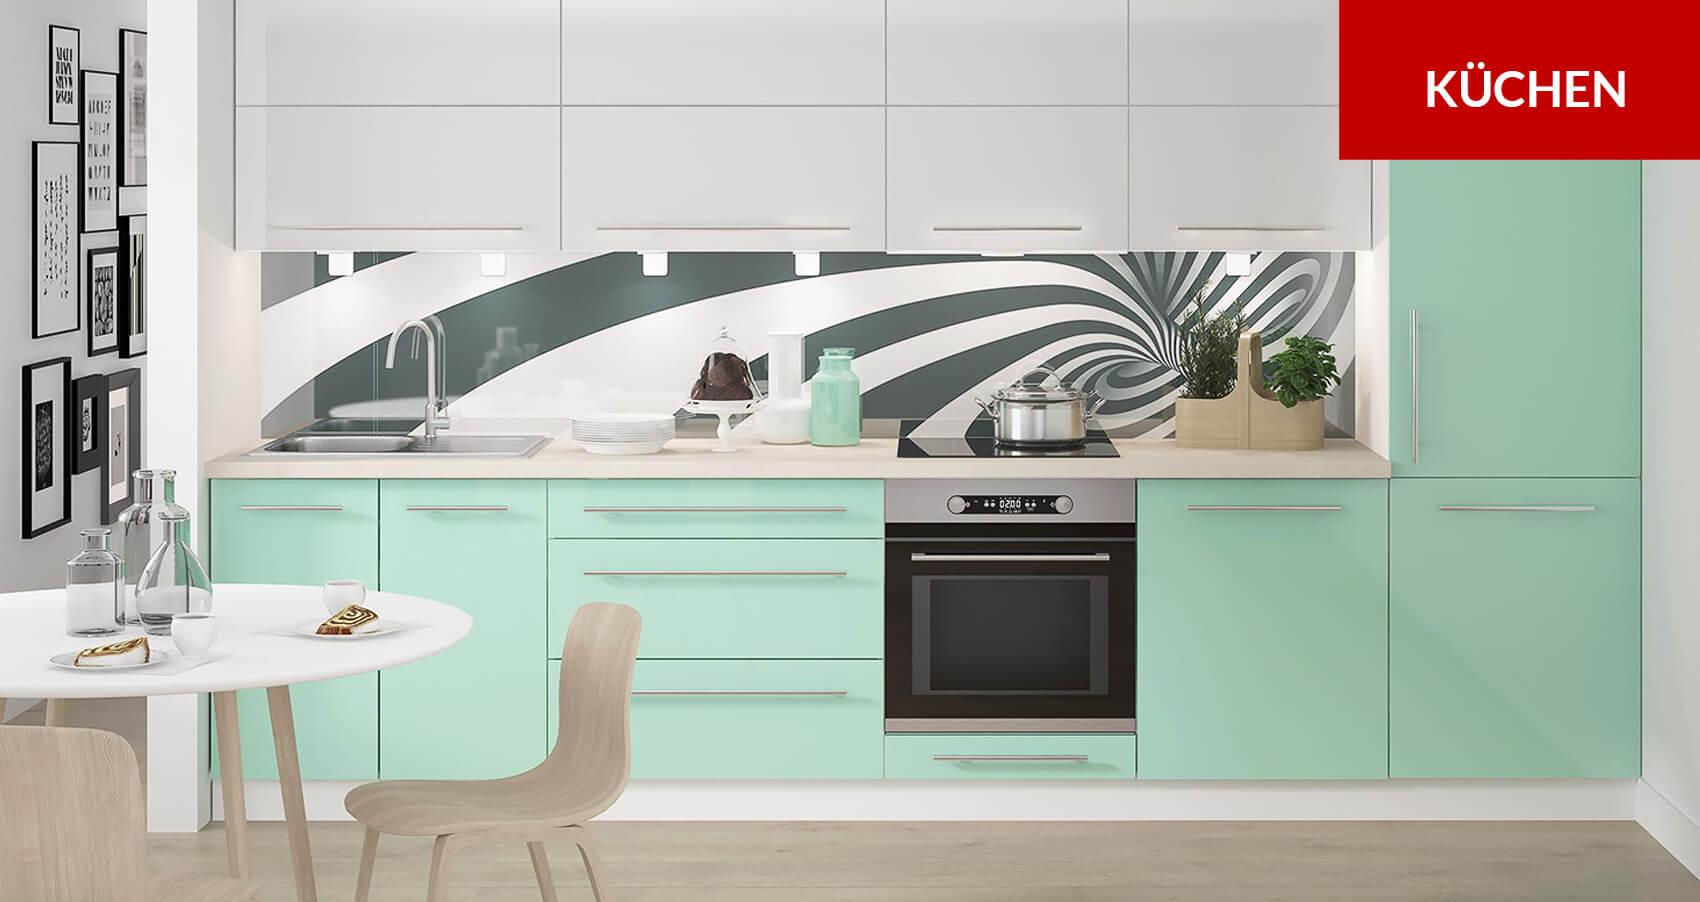 Küche attraktiv gestalten | preiswert bei Feldmann online